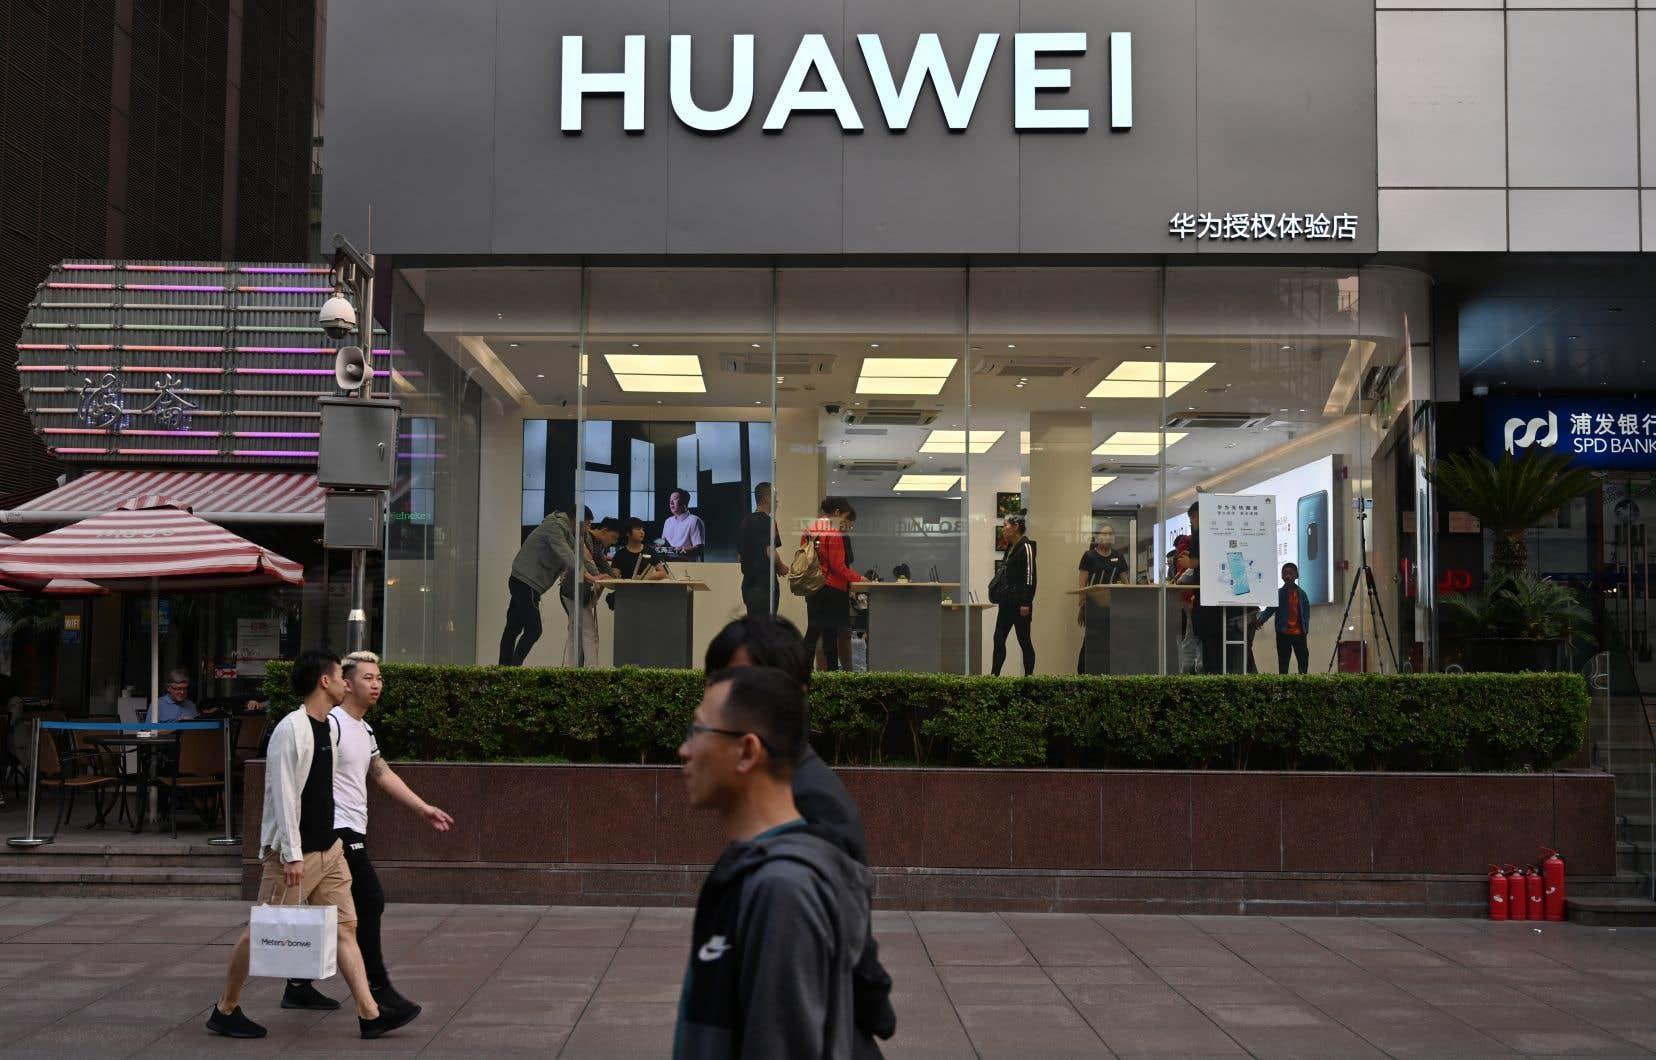 DonaldTrump a déclaré une «urgence nationale» pour prendre ce décret, s'appliquant notamment au géant chinois Huawei.